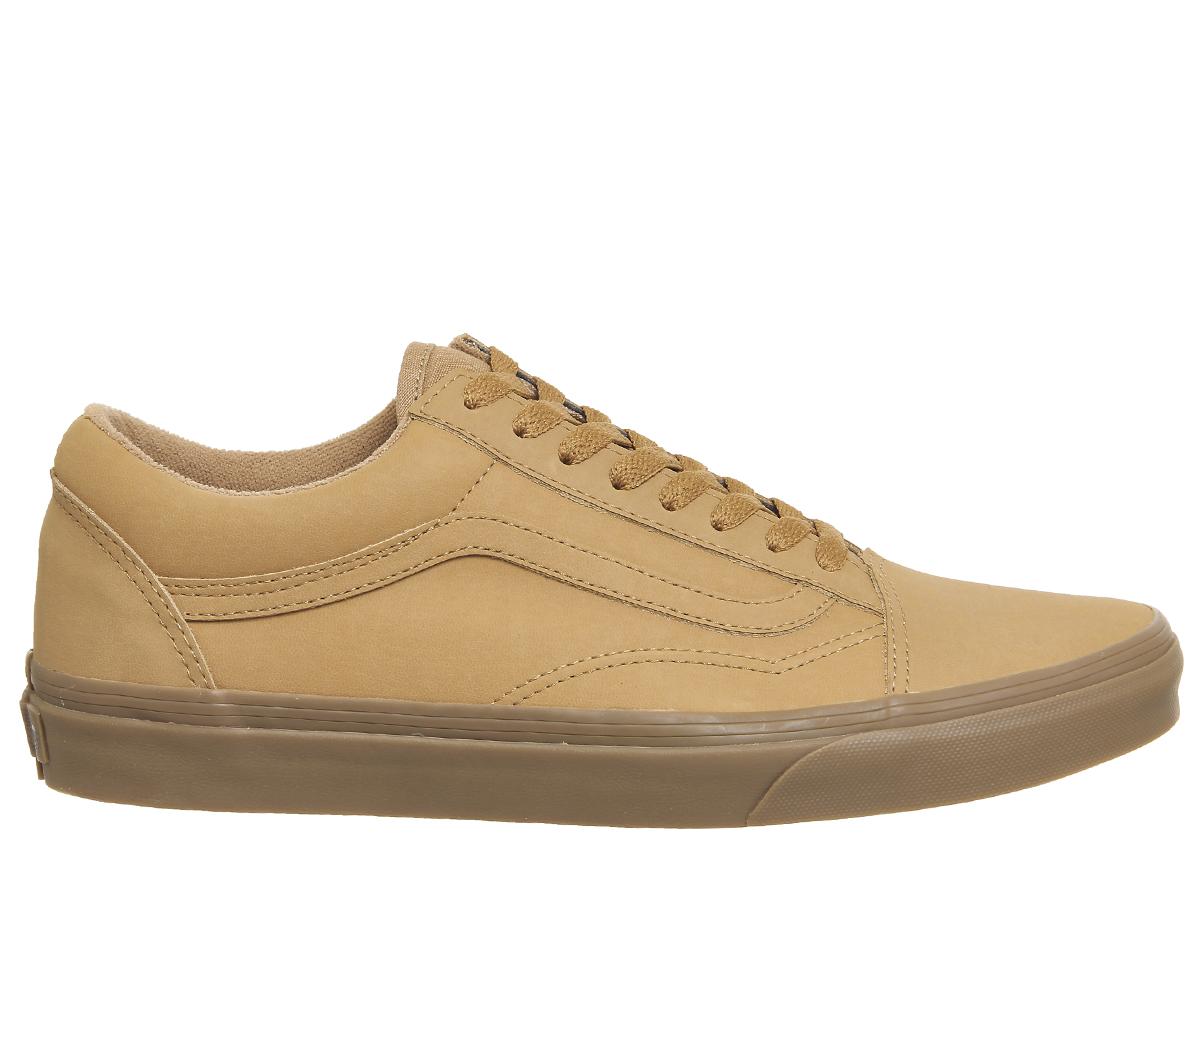 Vans Old Skool Sneaker Scarpe da ginnastica Light Gum Scarpe da ... c6b7527e9